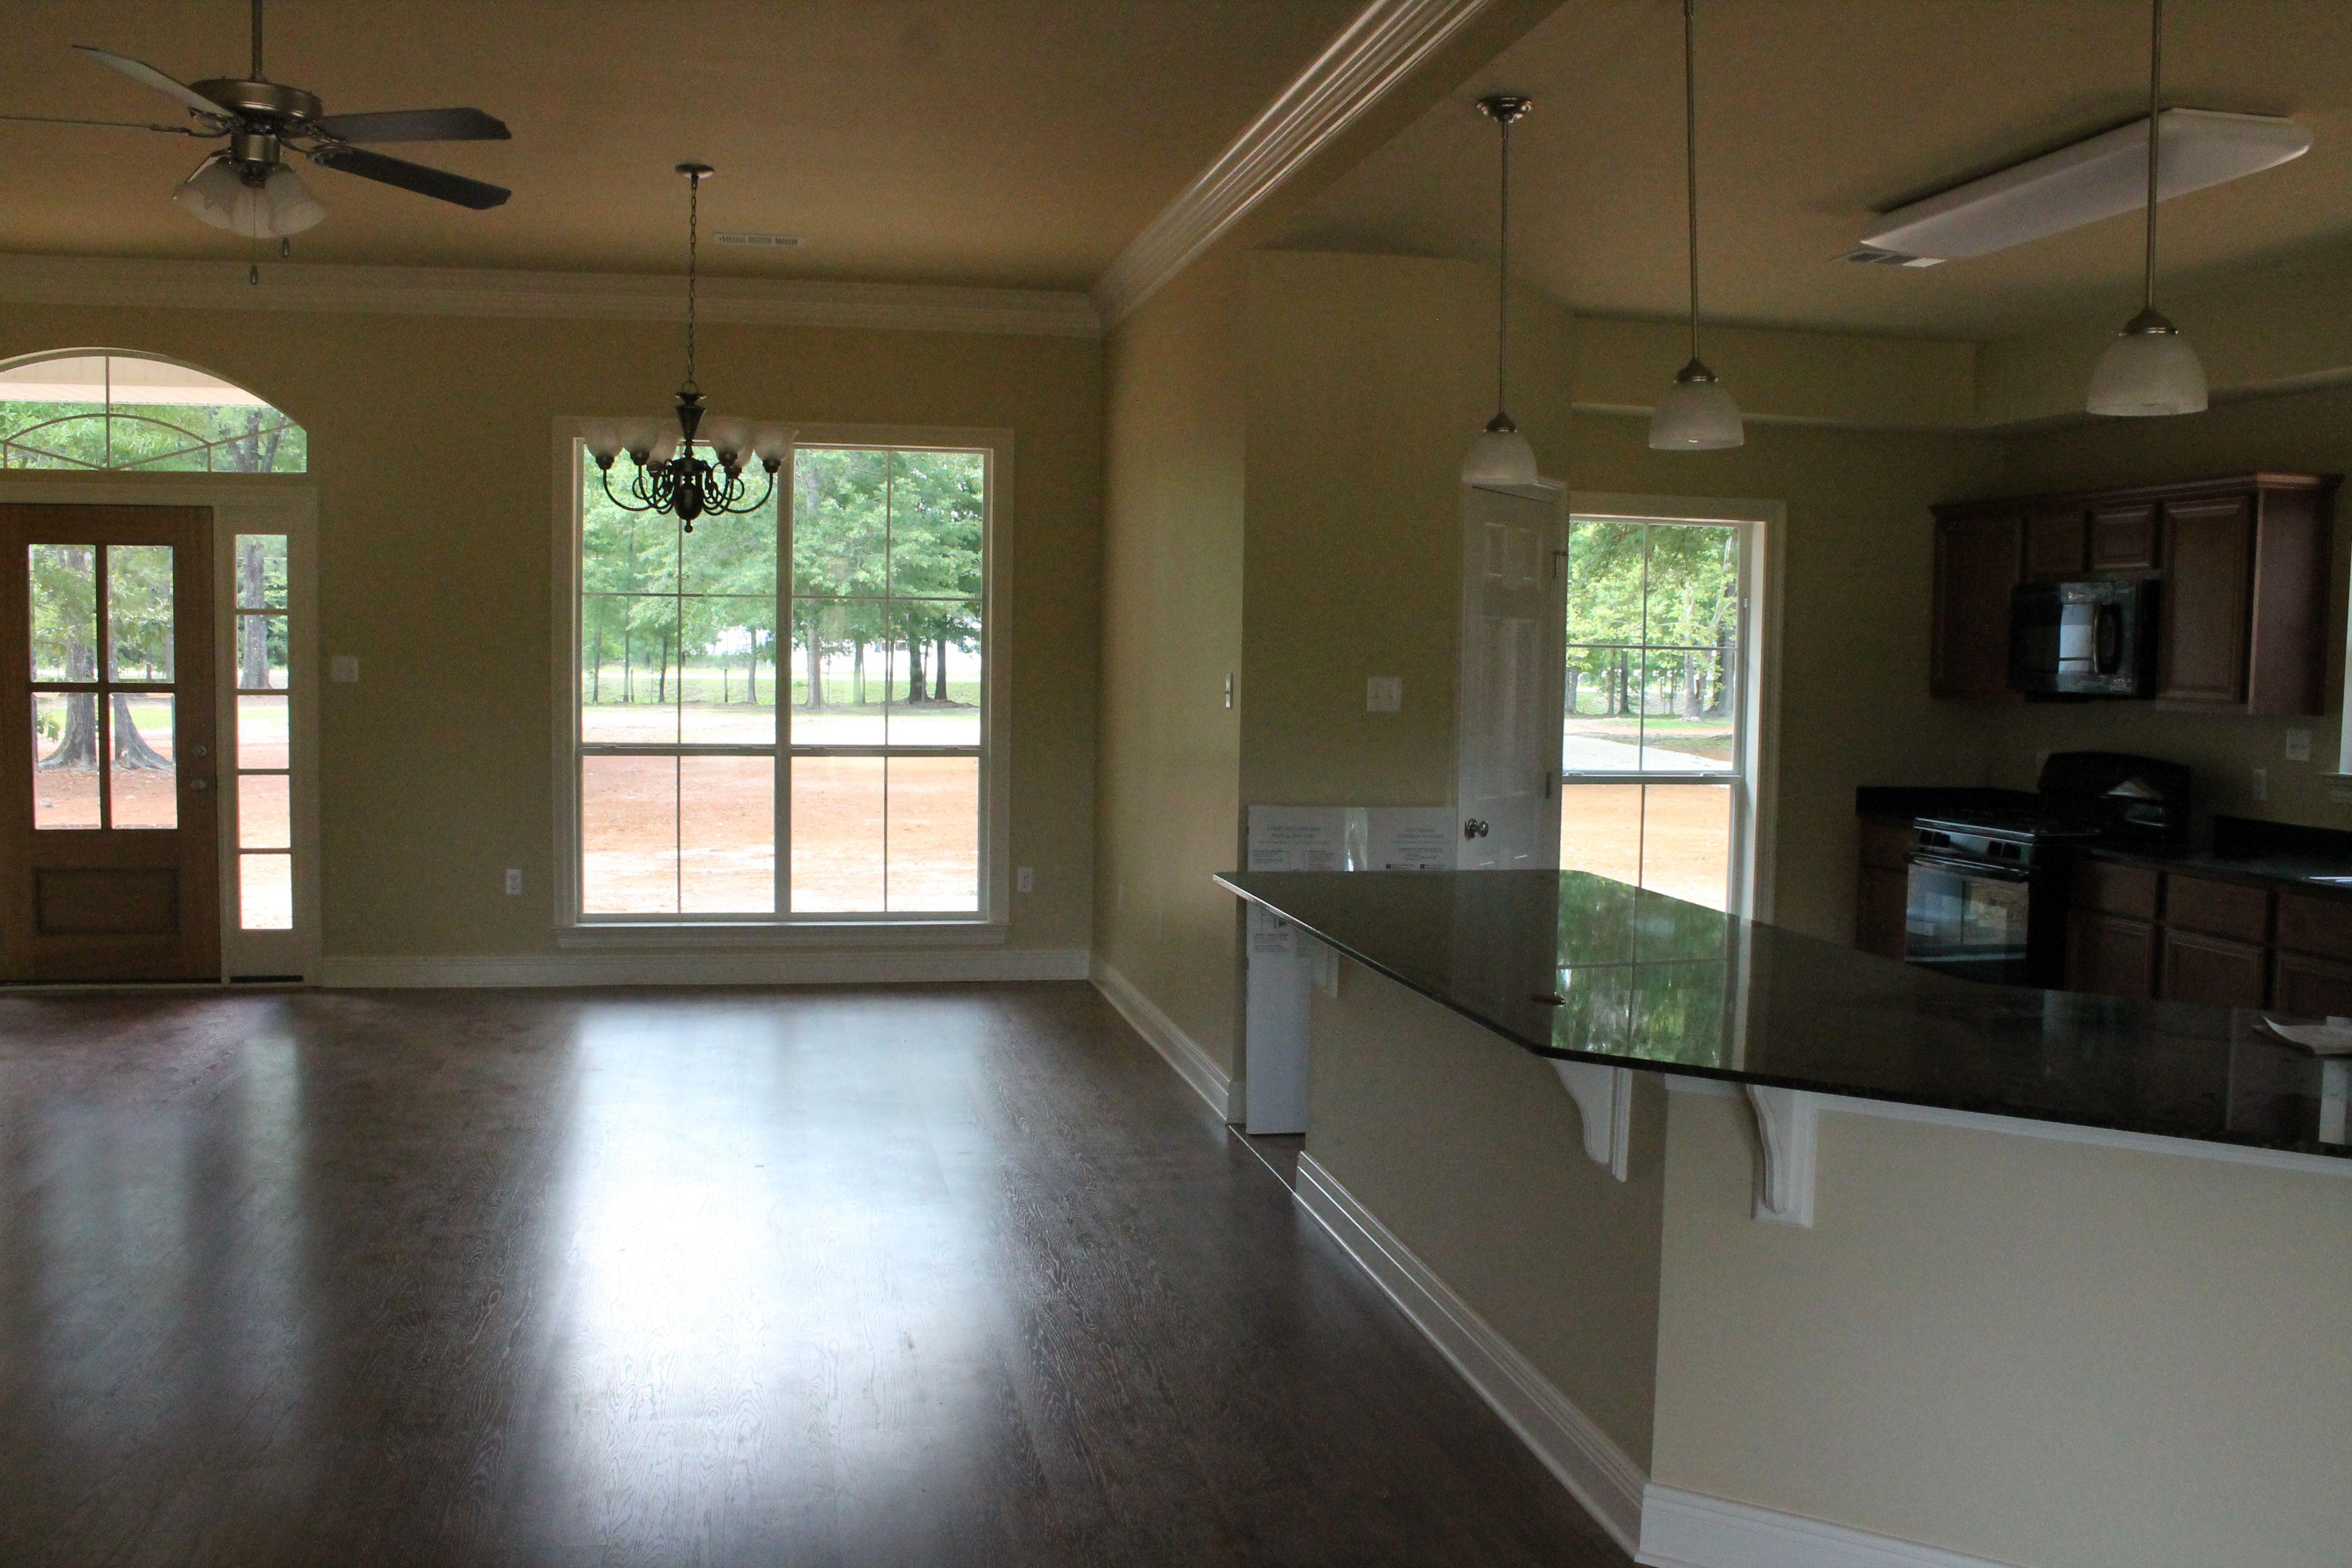 La tahoe cretin homes floor plans free download wiring for Cretin homes evangeline floor plan